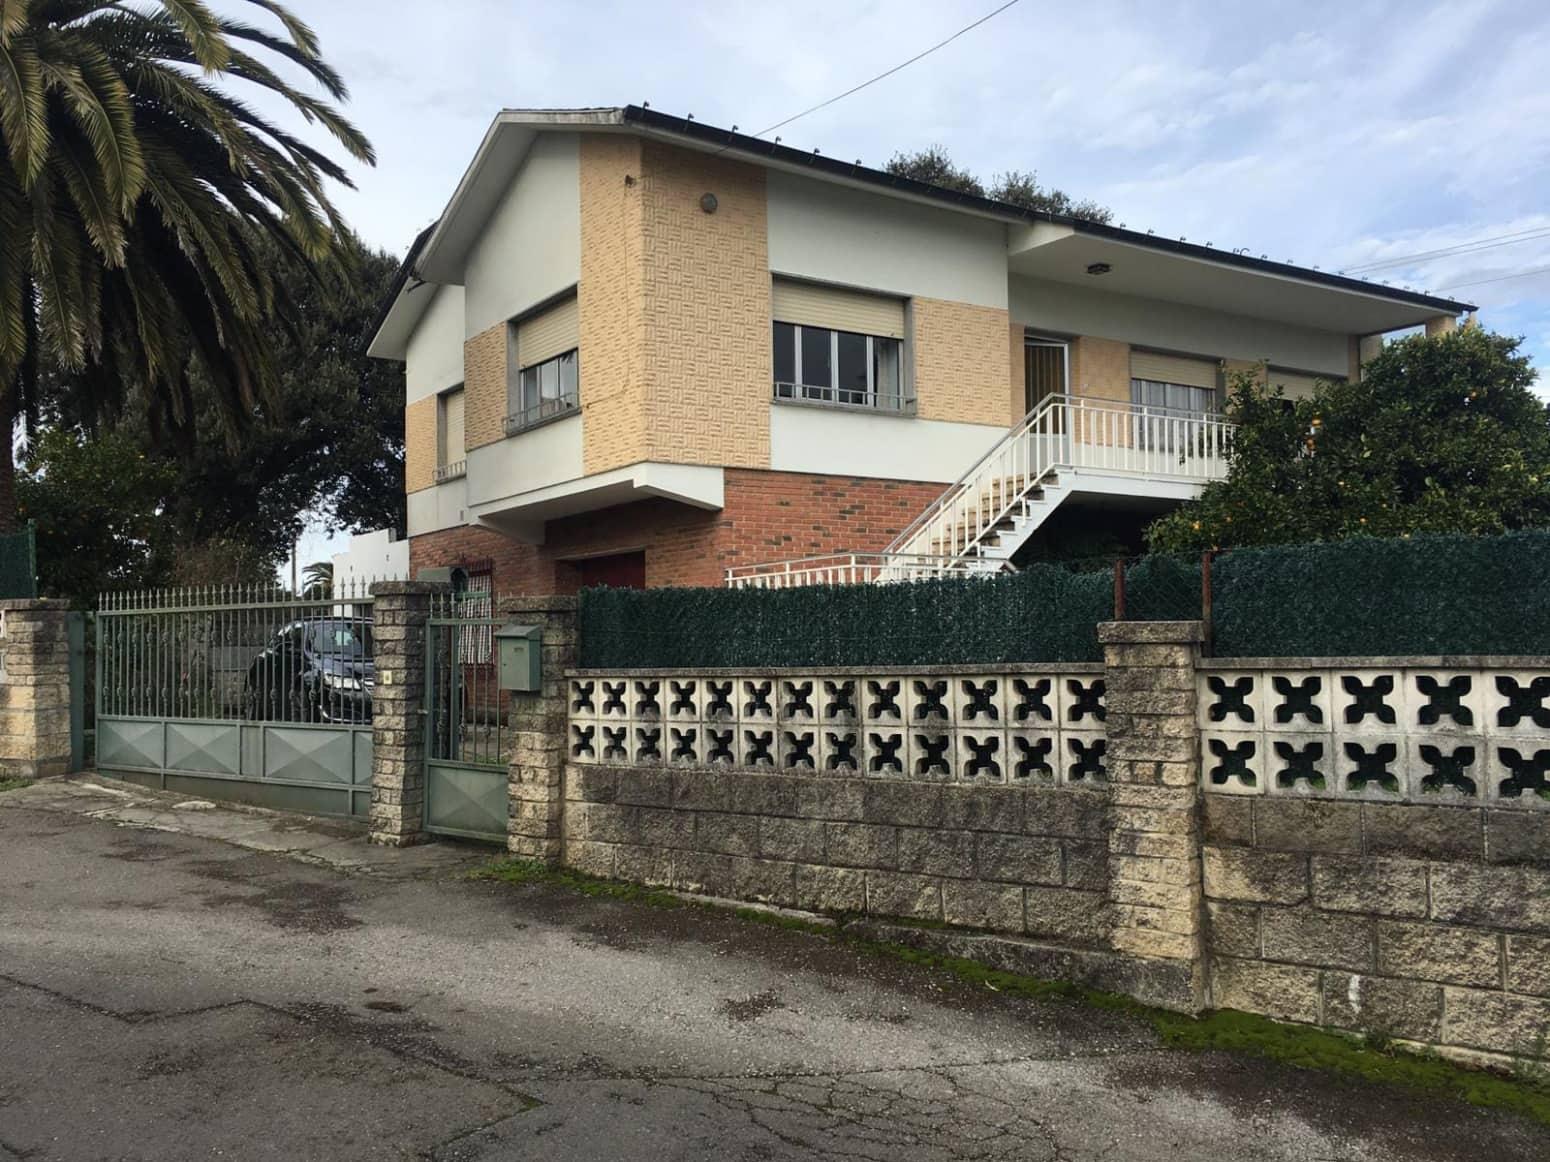 Chalet de 3 habitaciones en Puente San Miguel en venta con garaje - 250.000 € (Ref: 4819865)